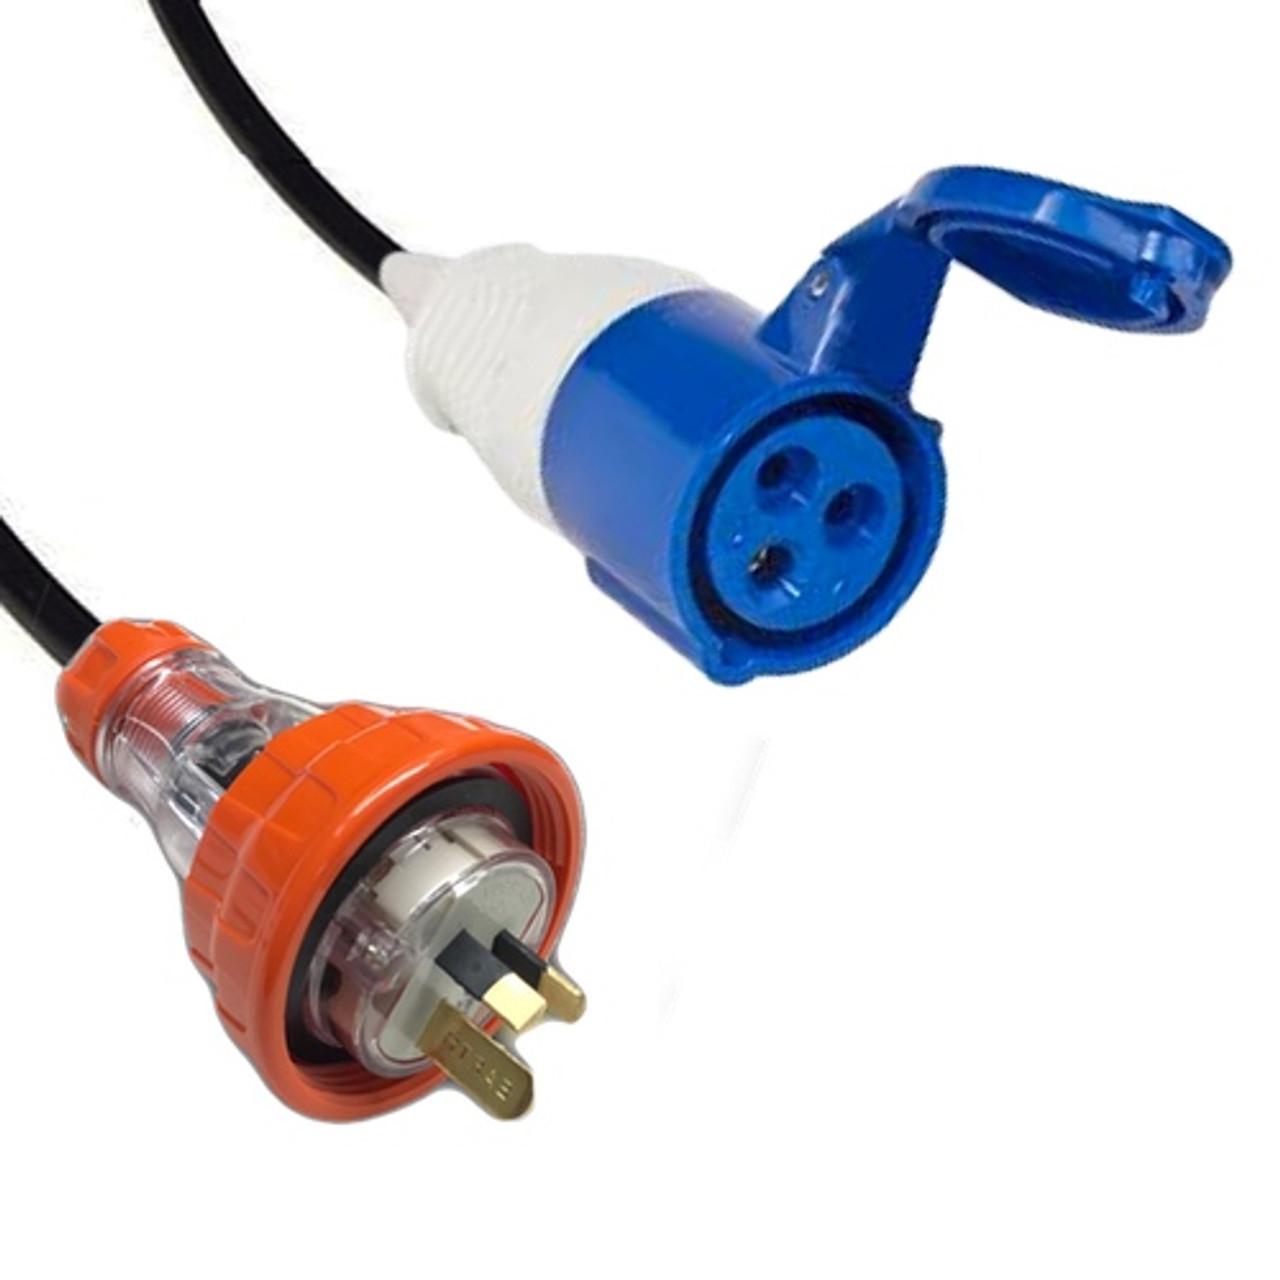 Captive (AS 3123) 15A [IP66] Flat pin Plug   >   IEC (60309) 16A [IP44] 2P+E 6H - Blue socket